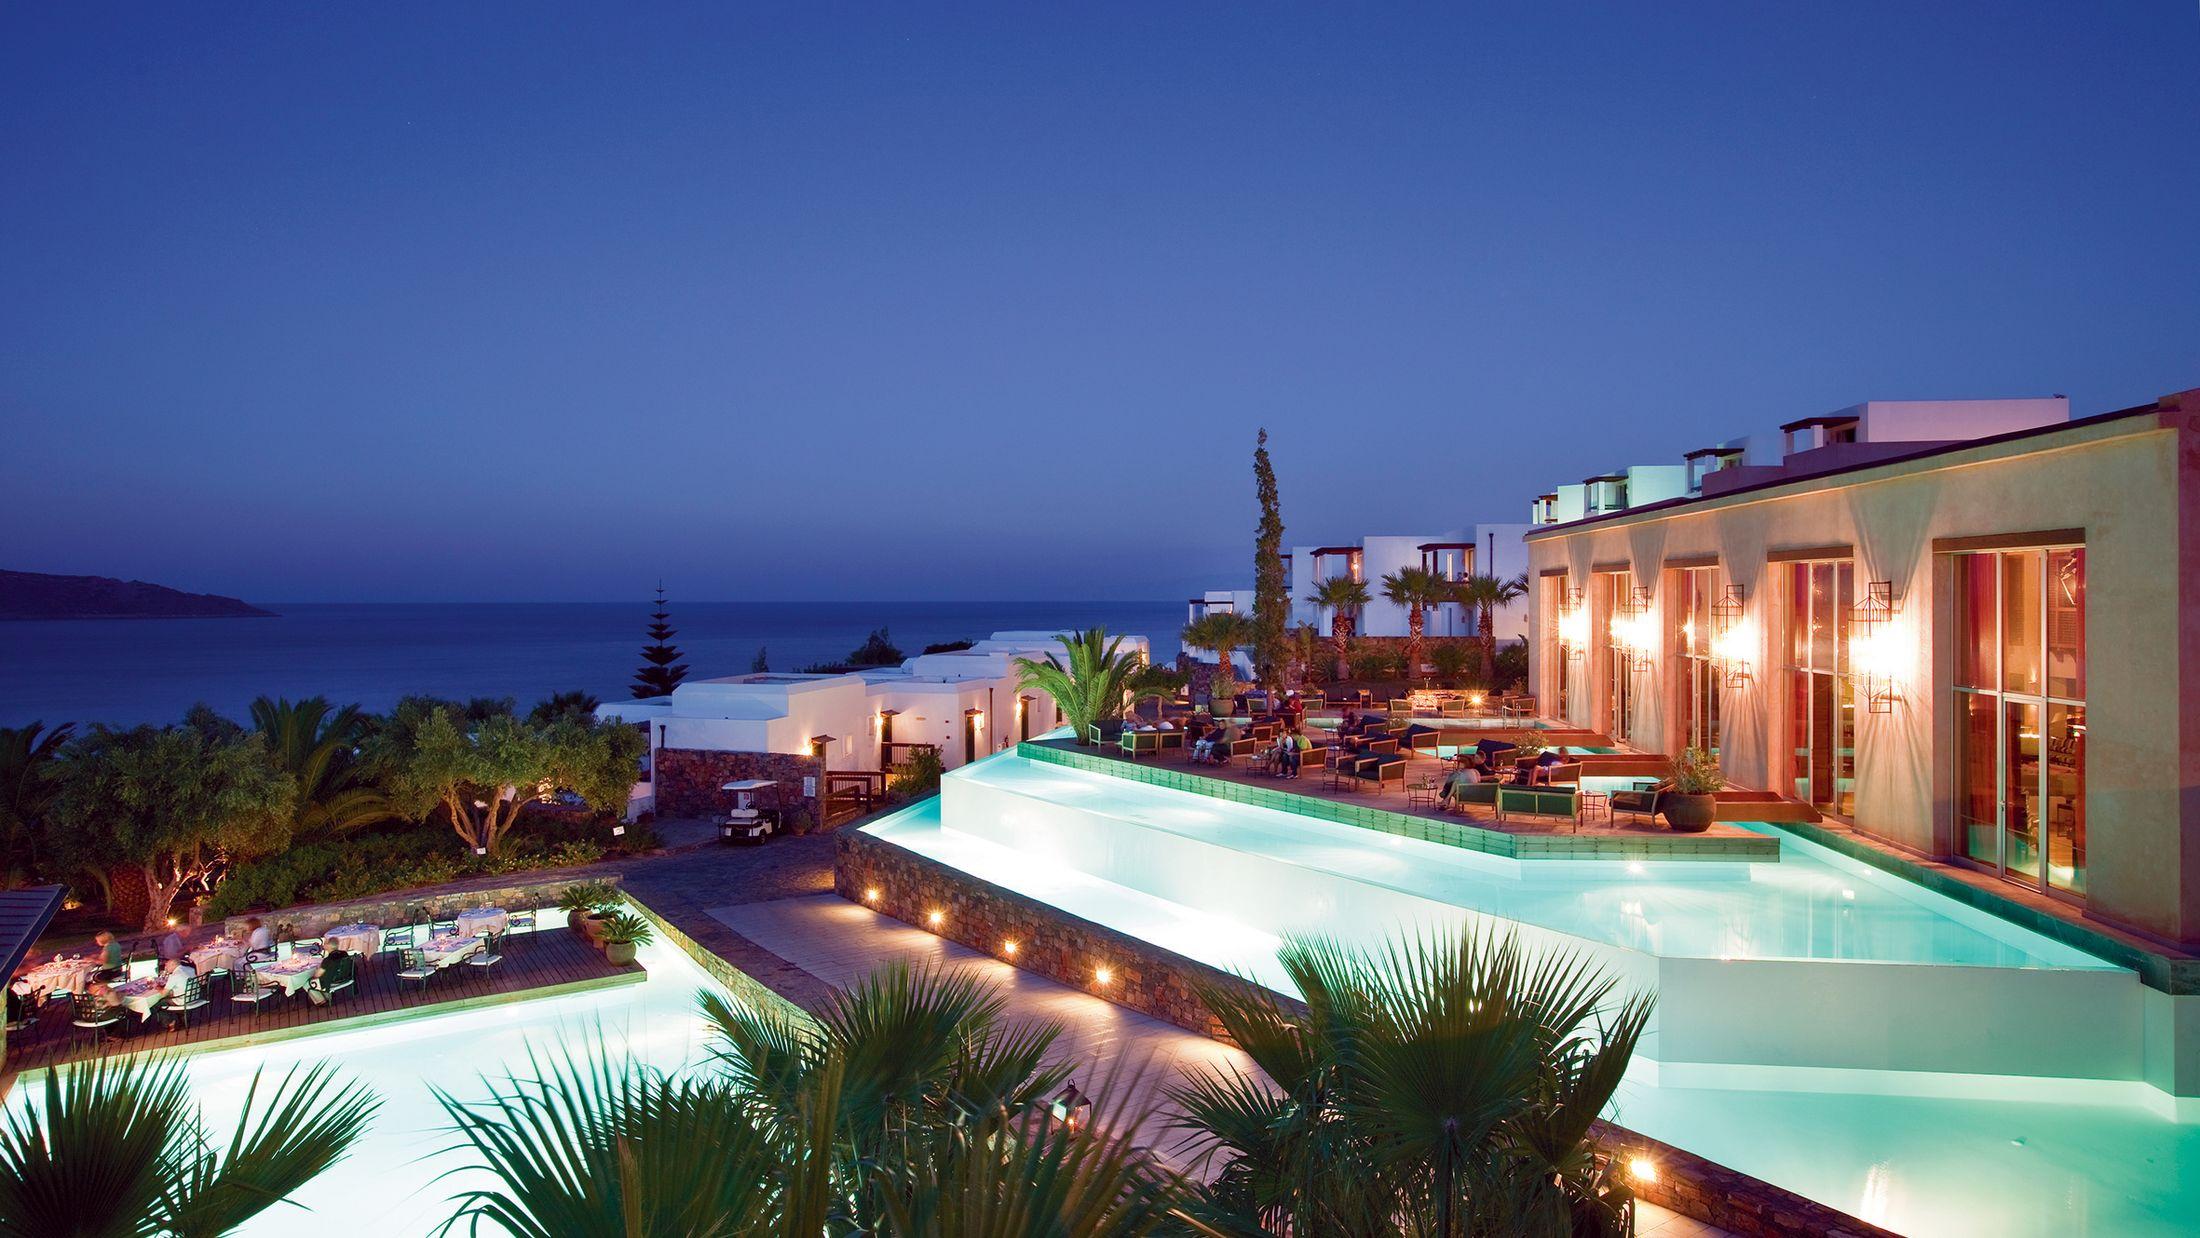 Luxury Hotels In Crete 2019 2020 Sovereign